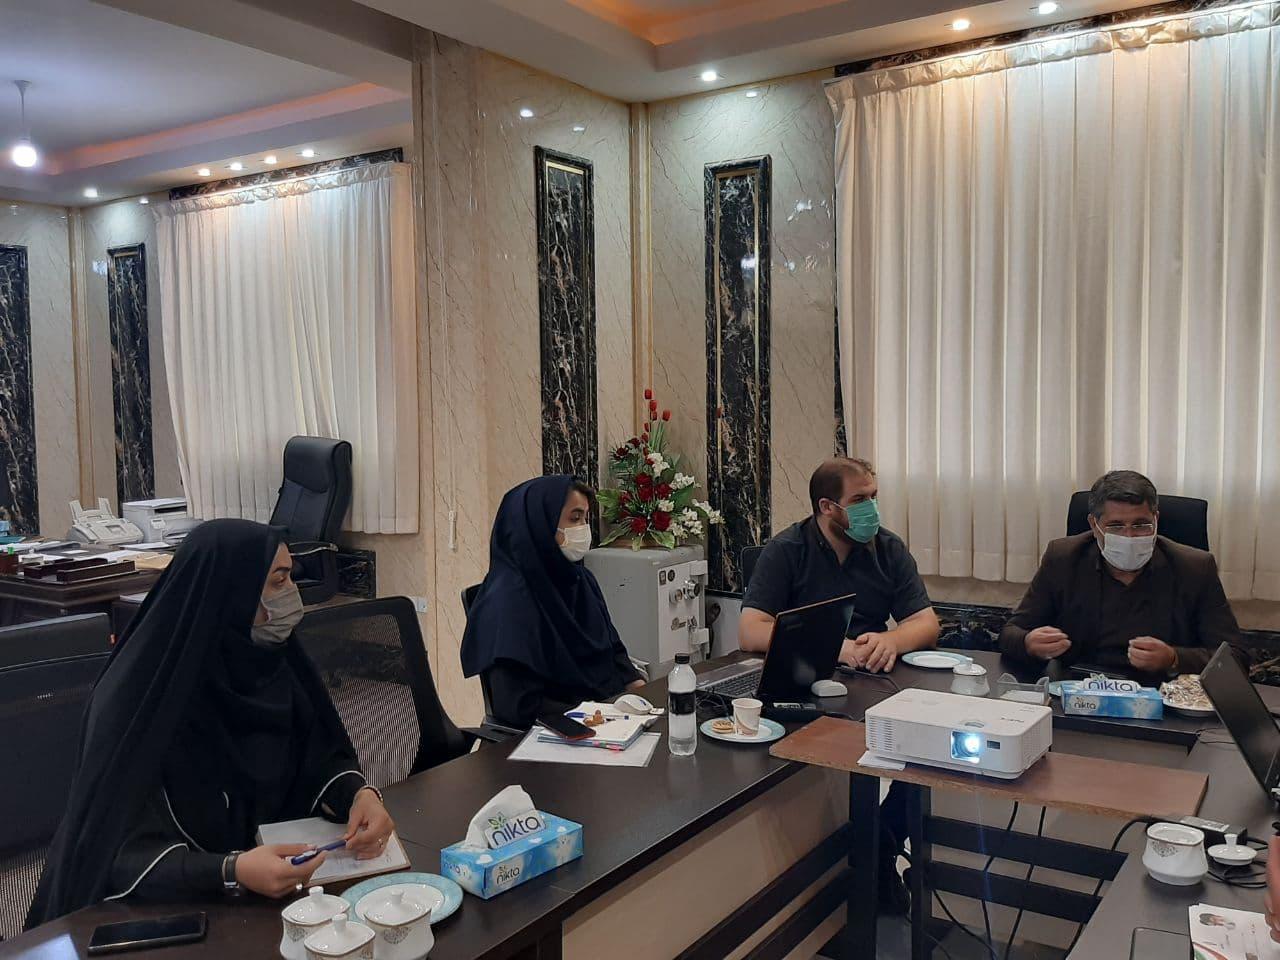 گزارش تصویری از برگزاری جلسه طرح تفصیلی شهر